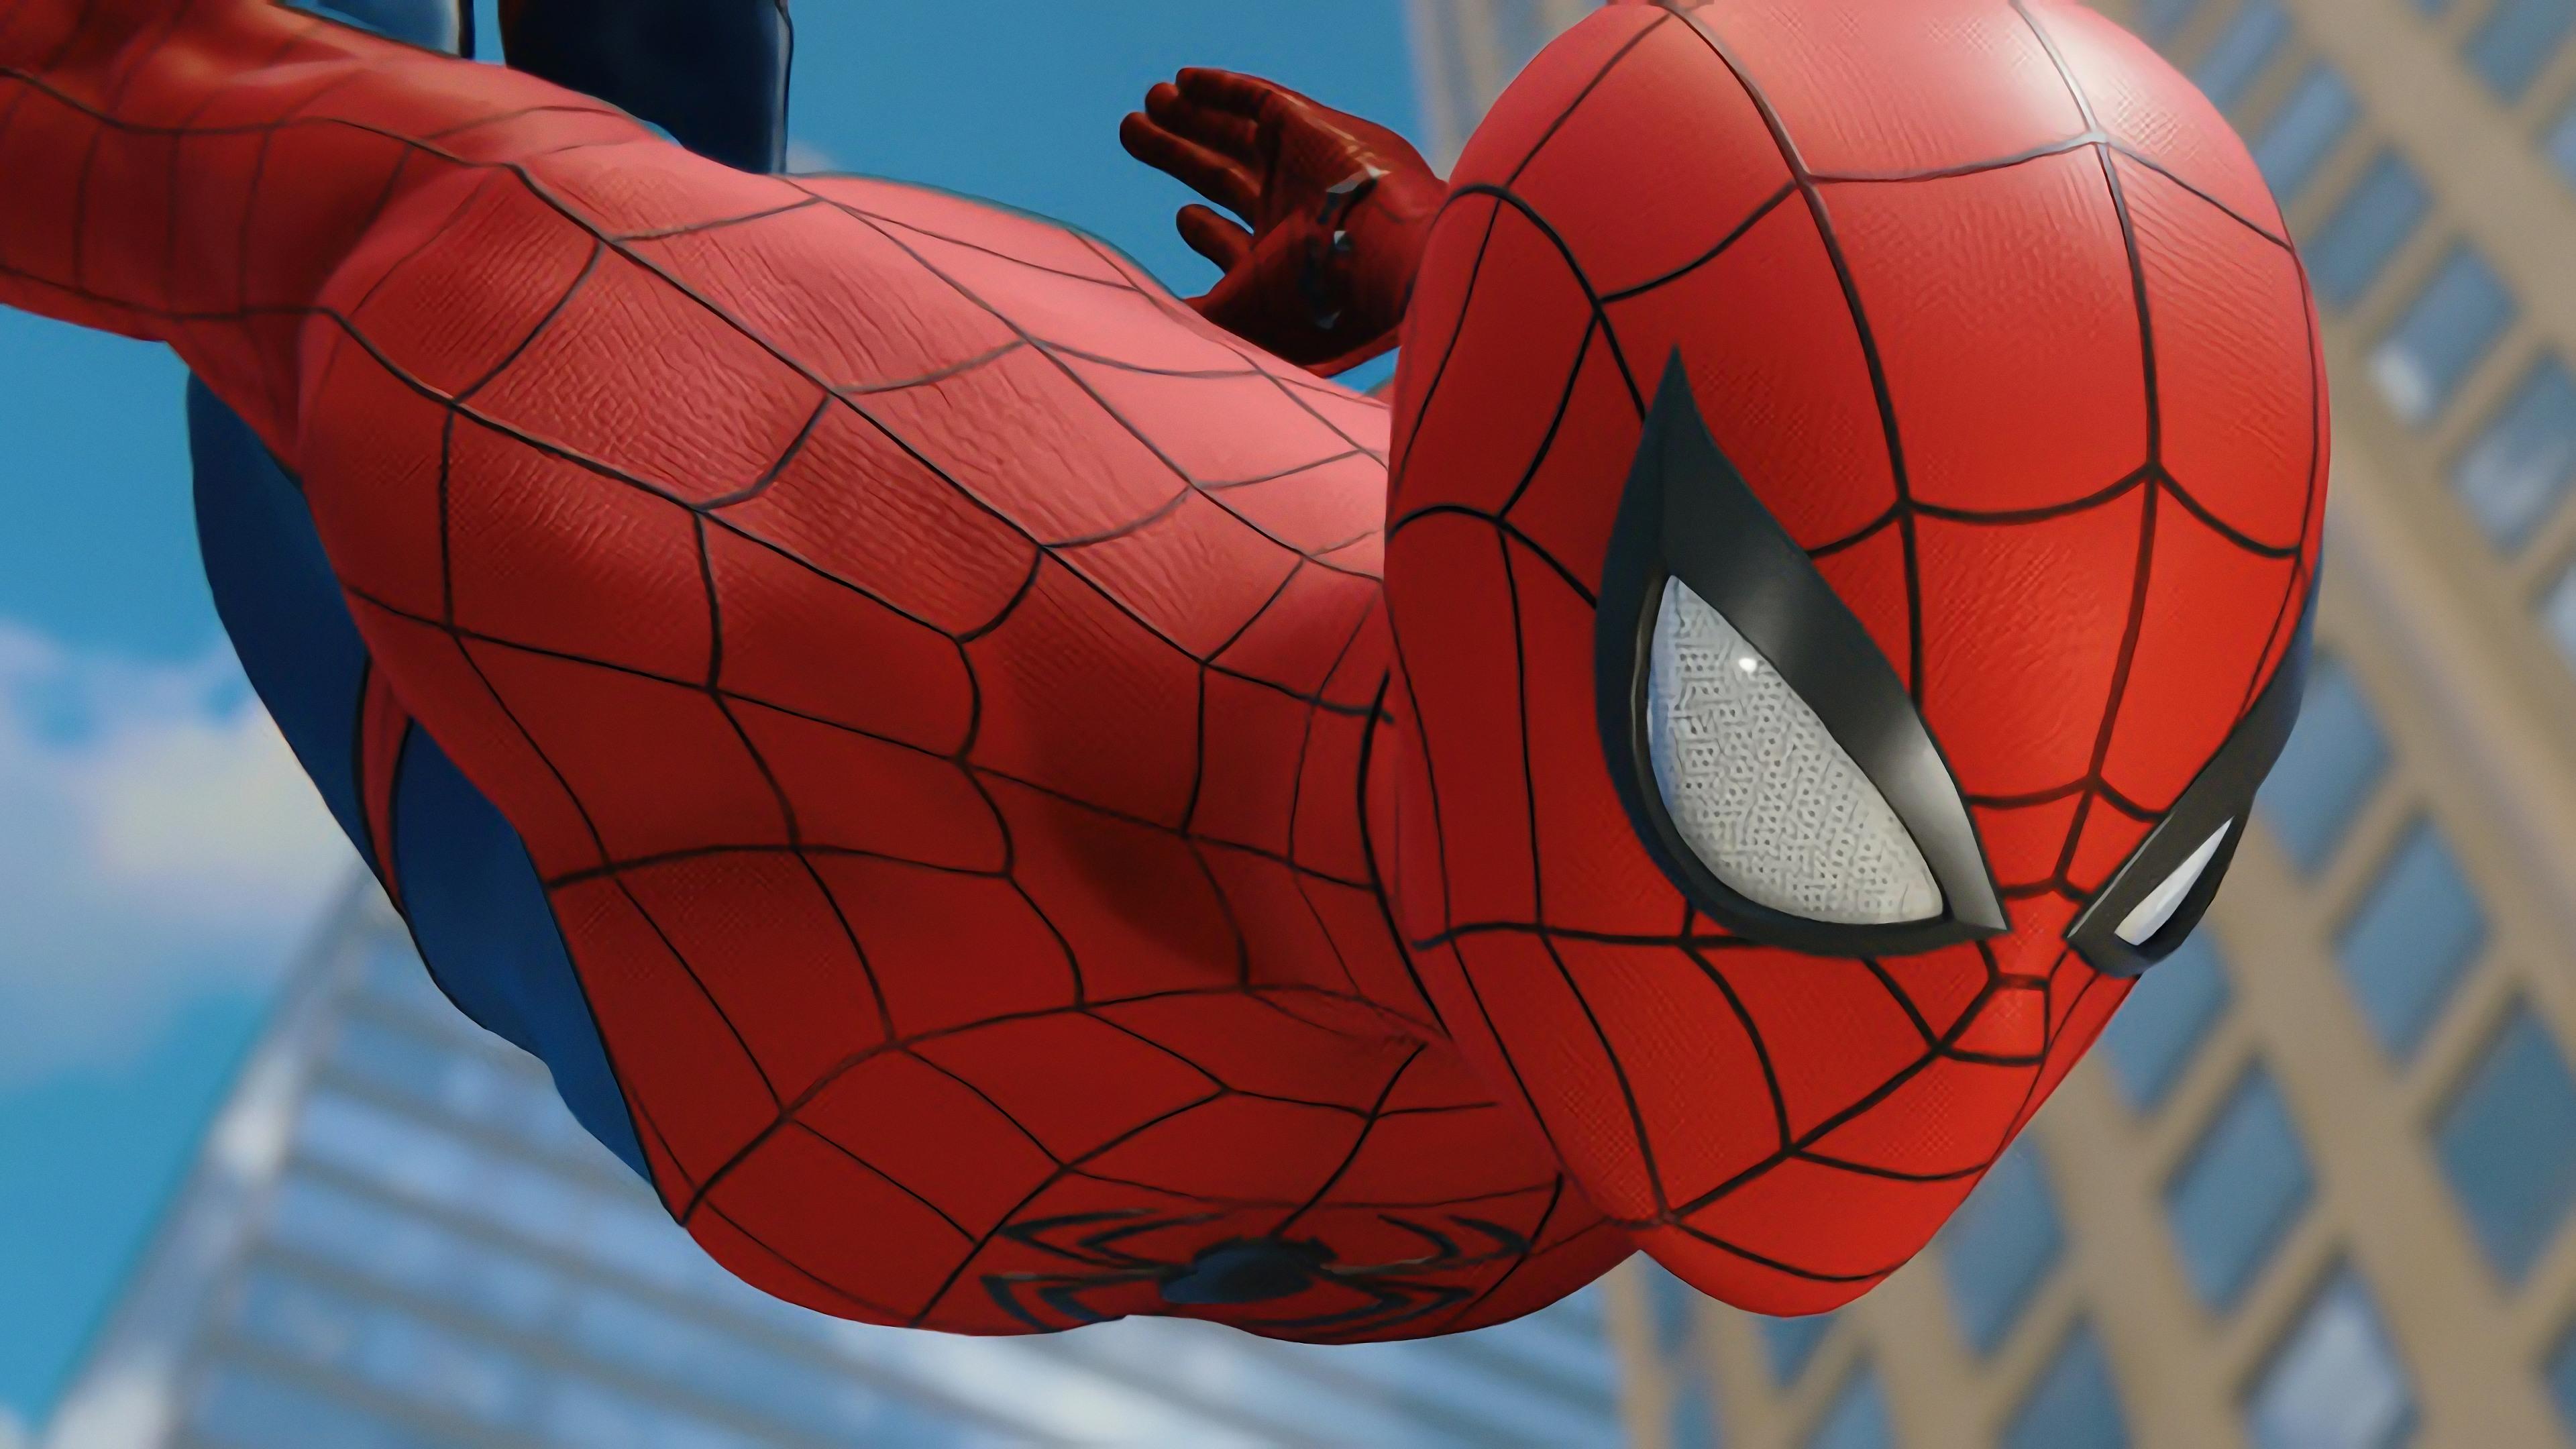 Happy Cute Girl Wallpaper Spiderman 4k Game Superheroes Wallpapers Spiderman